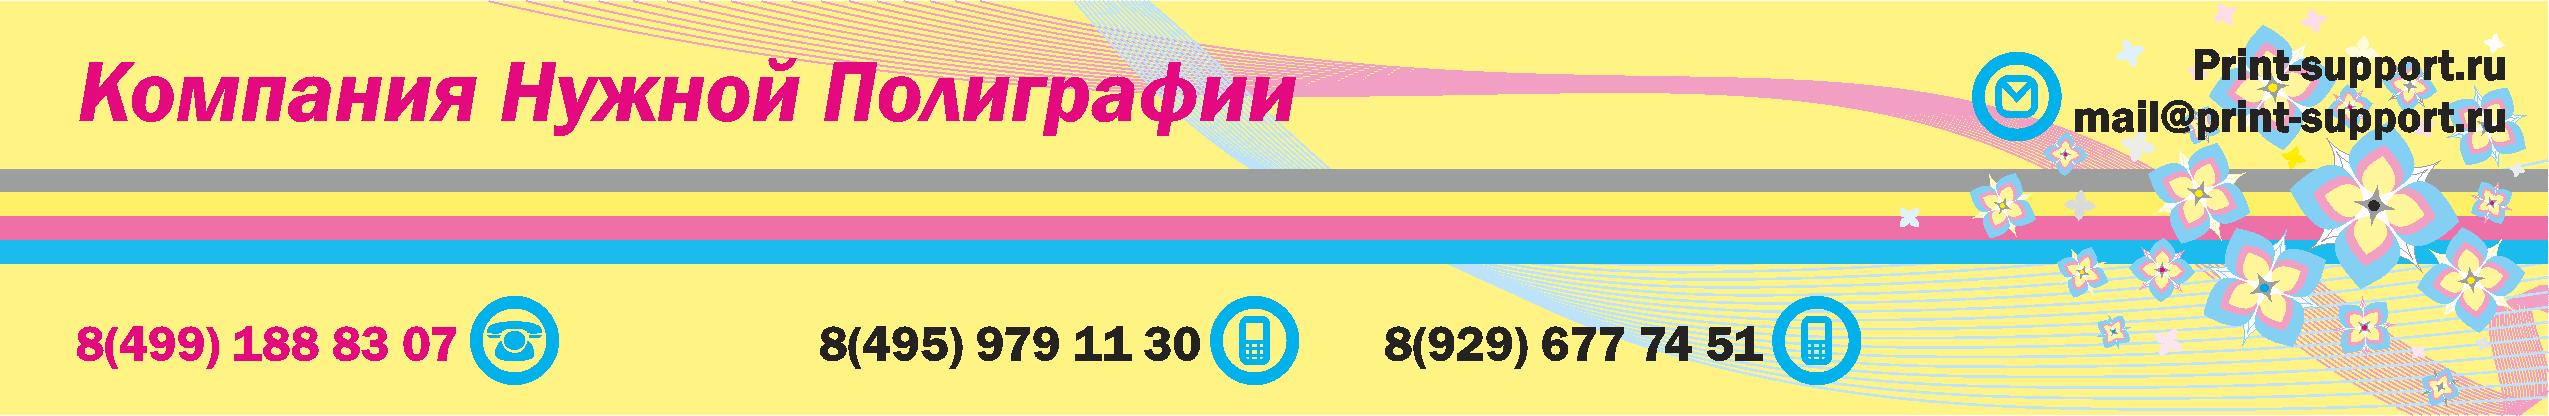 print-support.ru